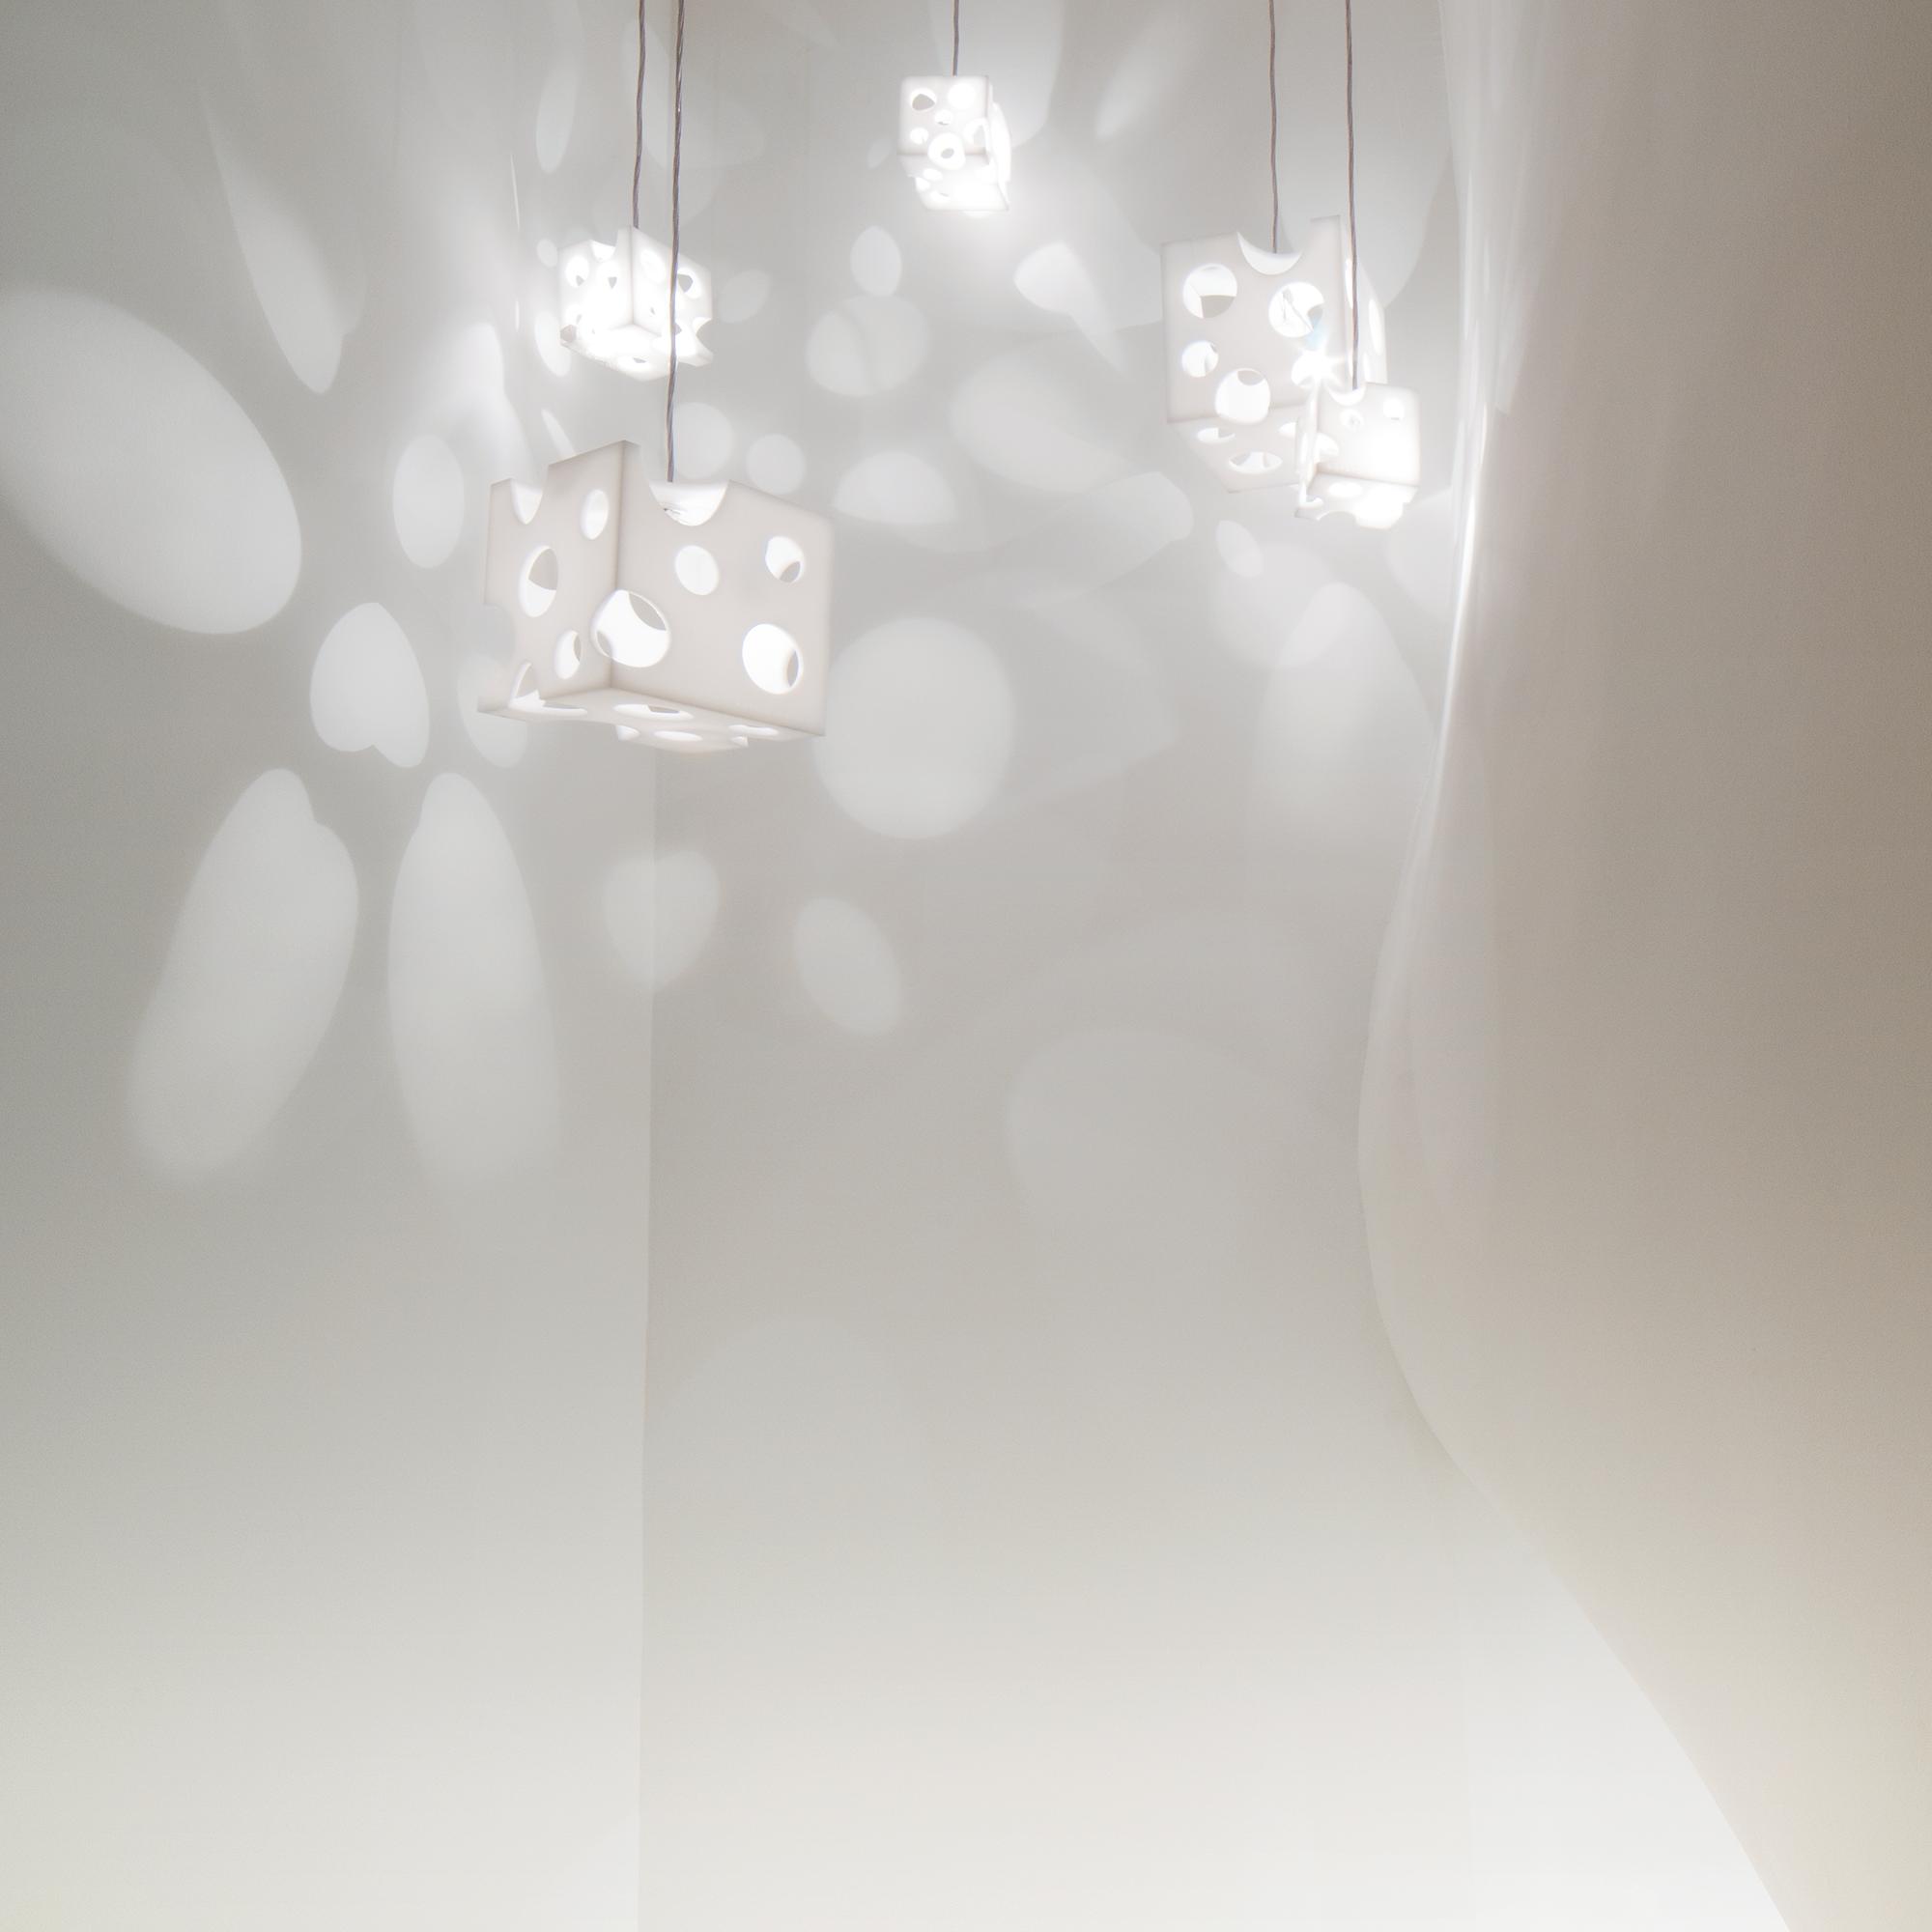 ルミエ・クッペ (白 ) - Lumière Coupée (White)  - W200xD200xH200